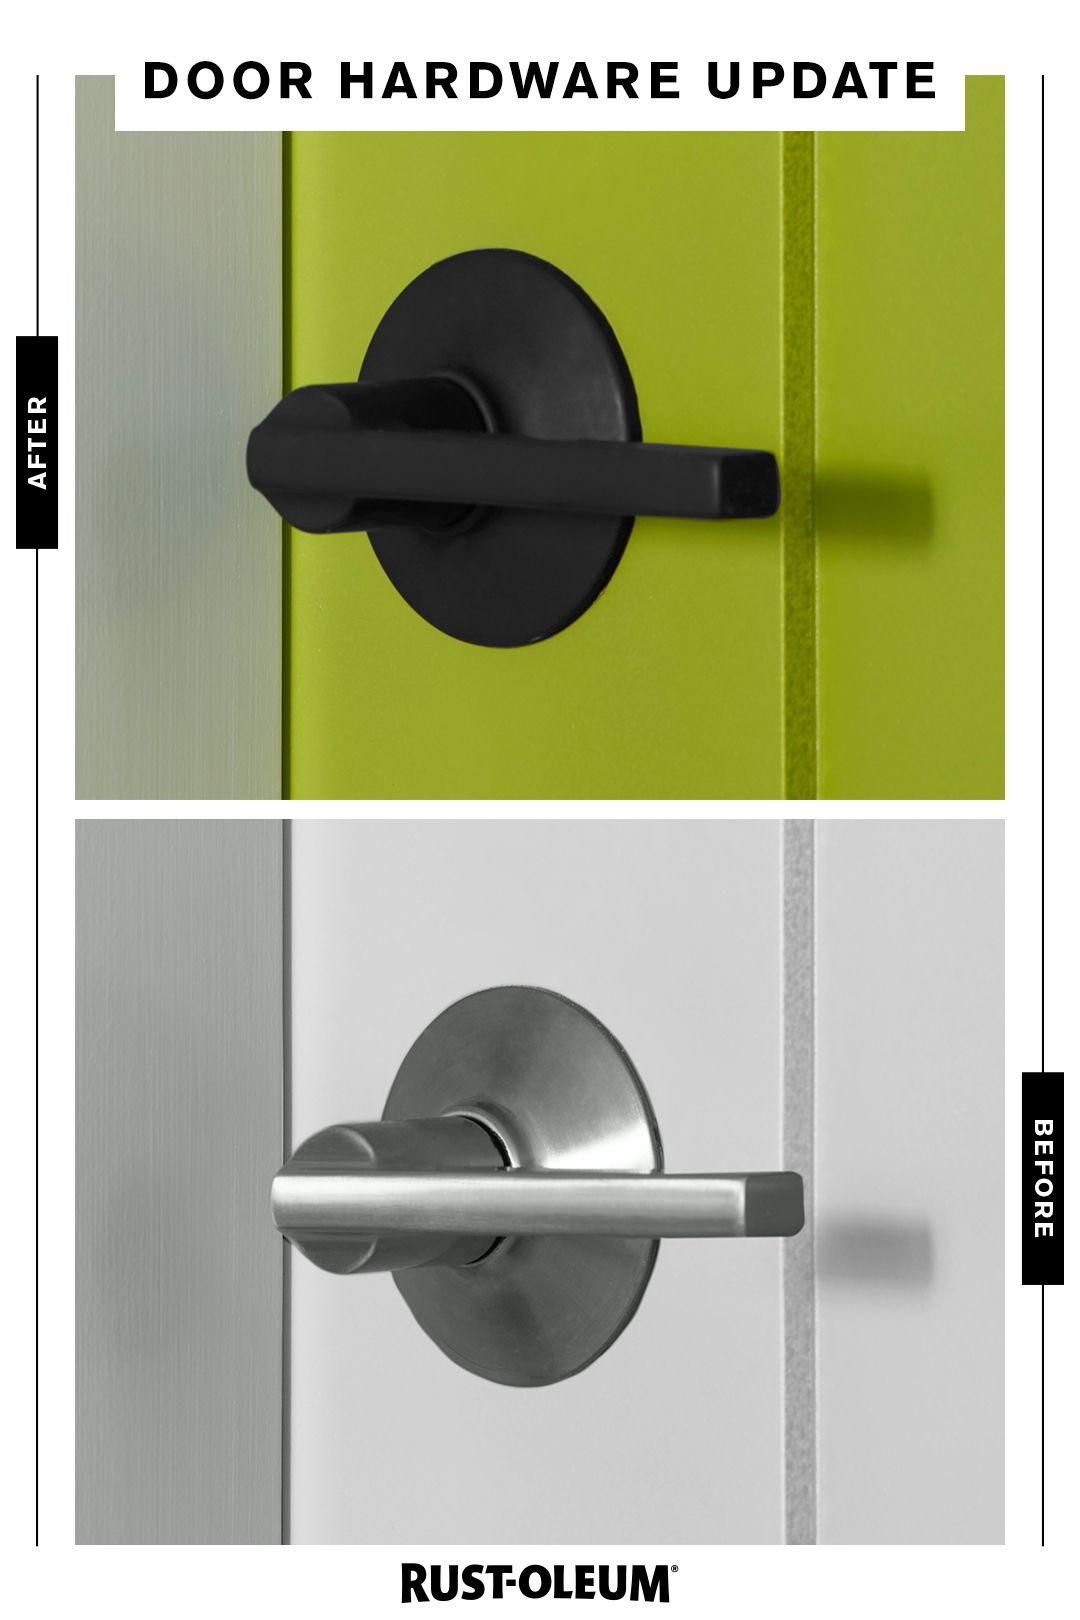 Door Handles Are Officially Handled With A Fresh Coat Of Rust Oleum Spray Paint A Small Change Can Complete Door Handles Door Handle Diy Home Improvement Cast